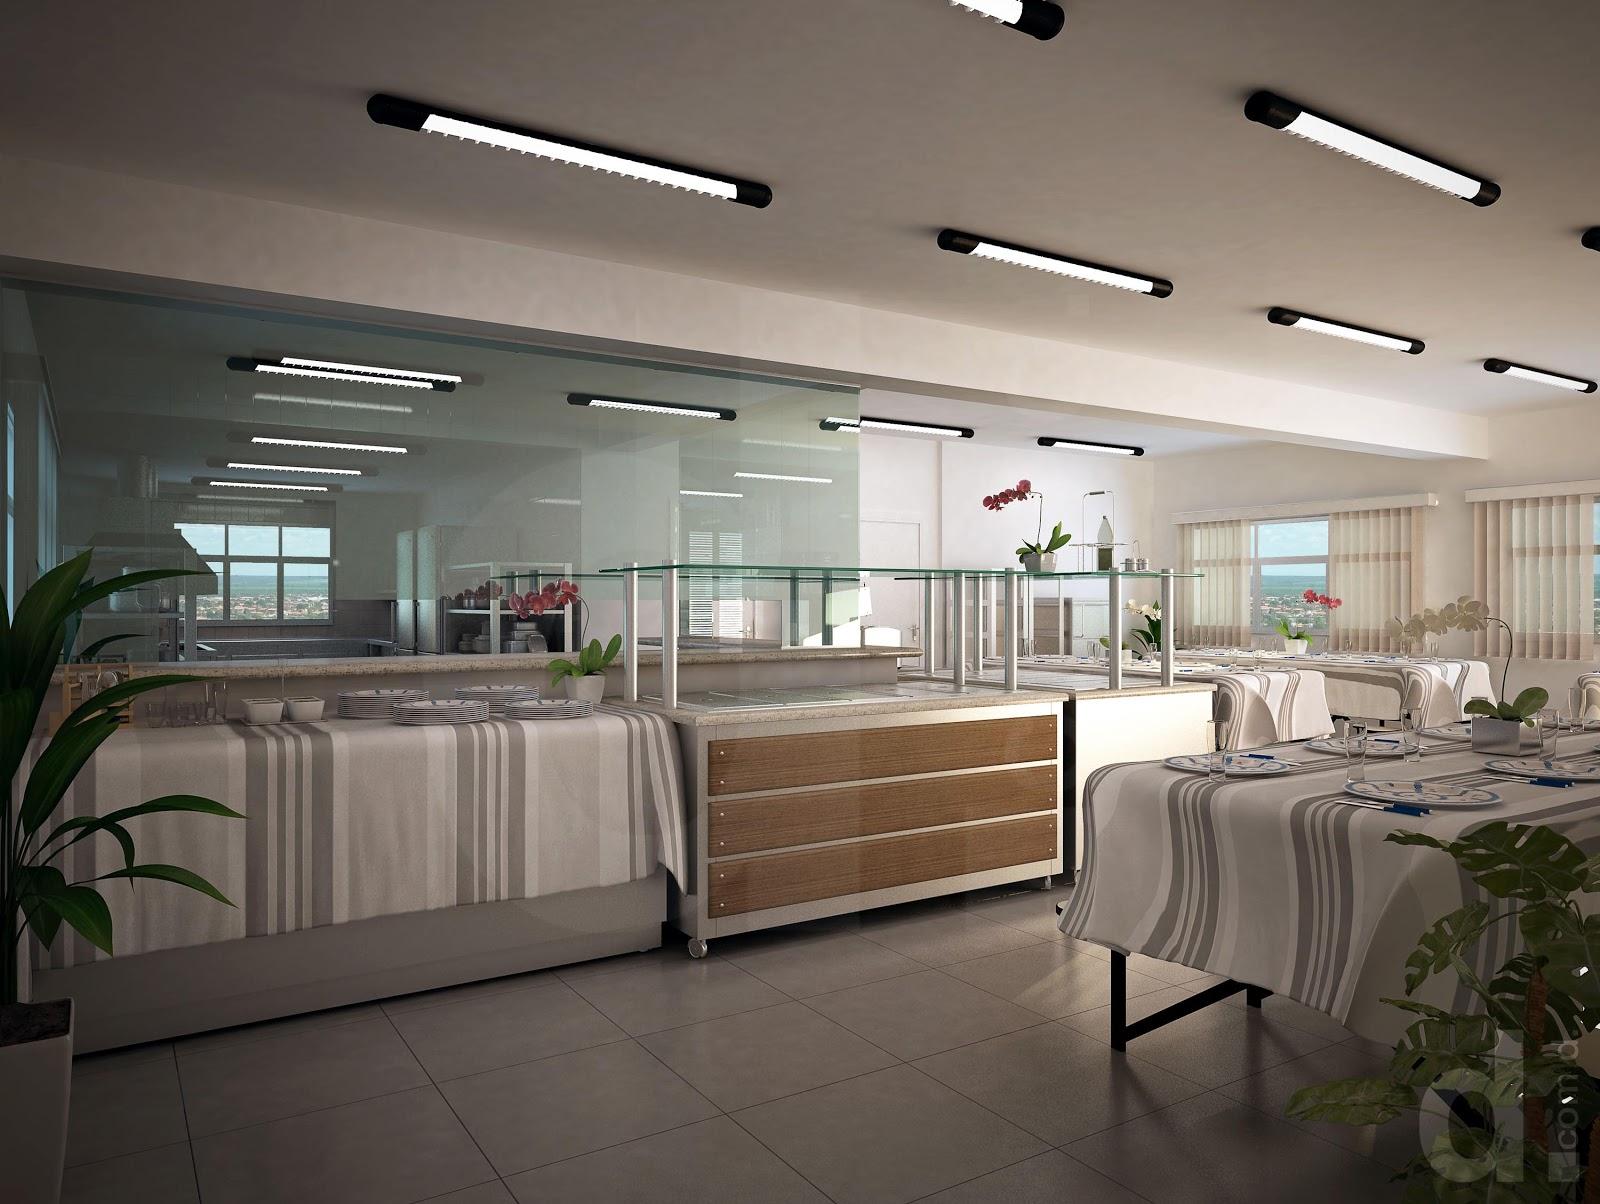 Decoração • 3D.: Refeitório e Cozinha Industrial Cotia SP #766655 1600 1204